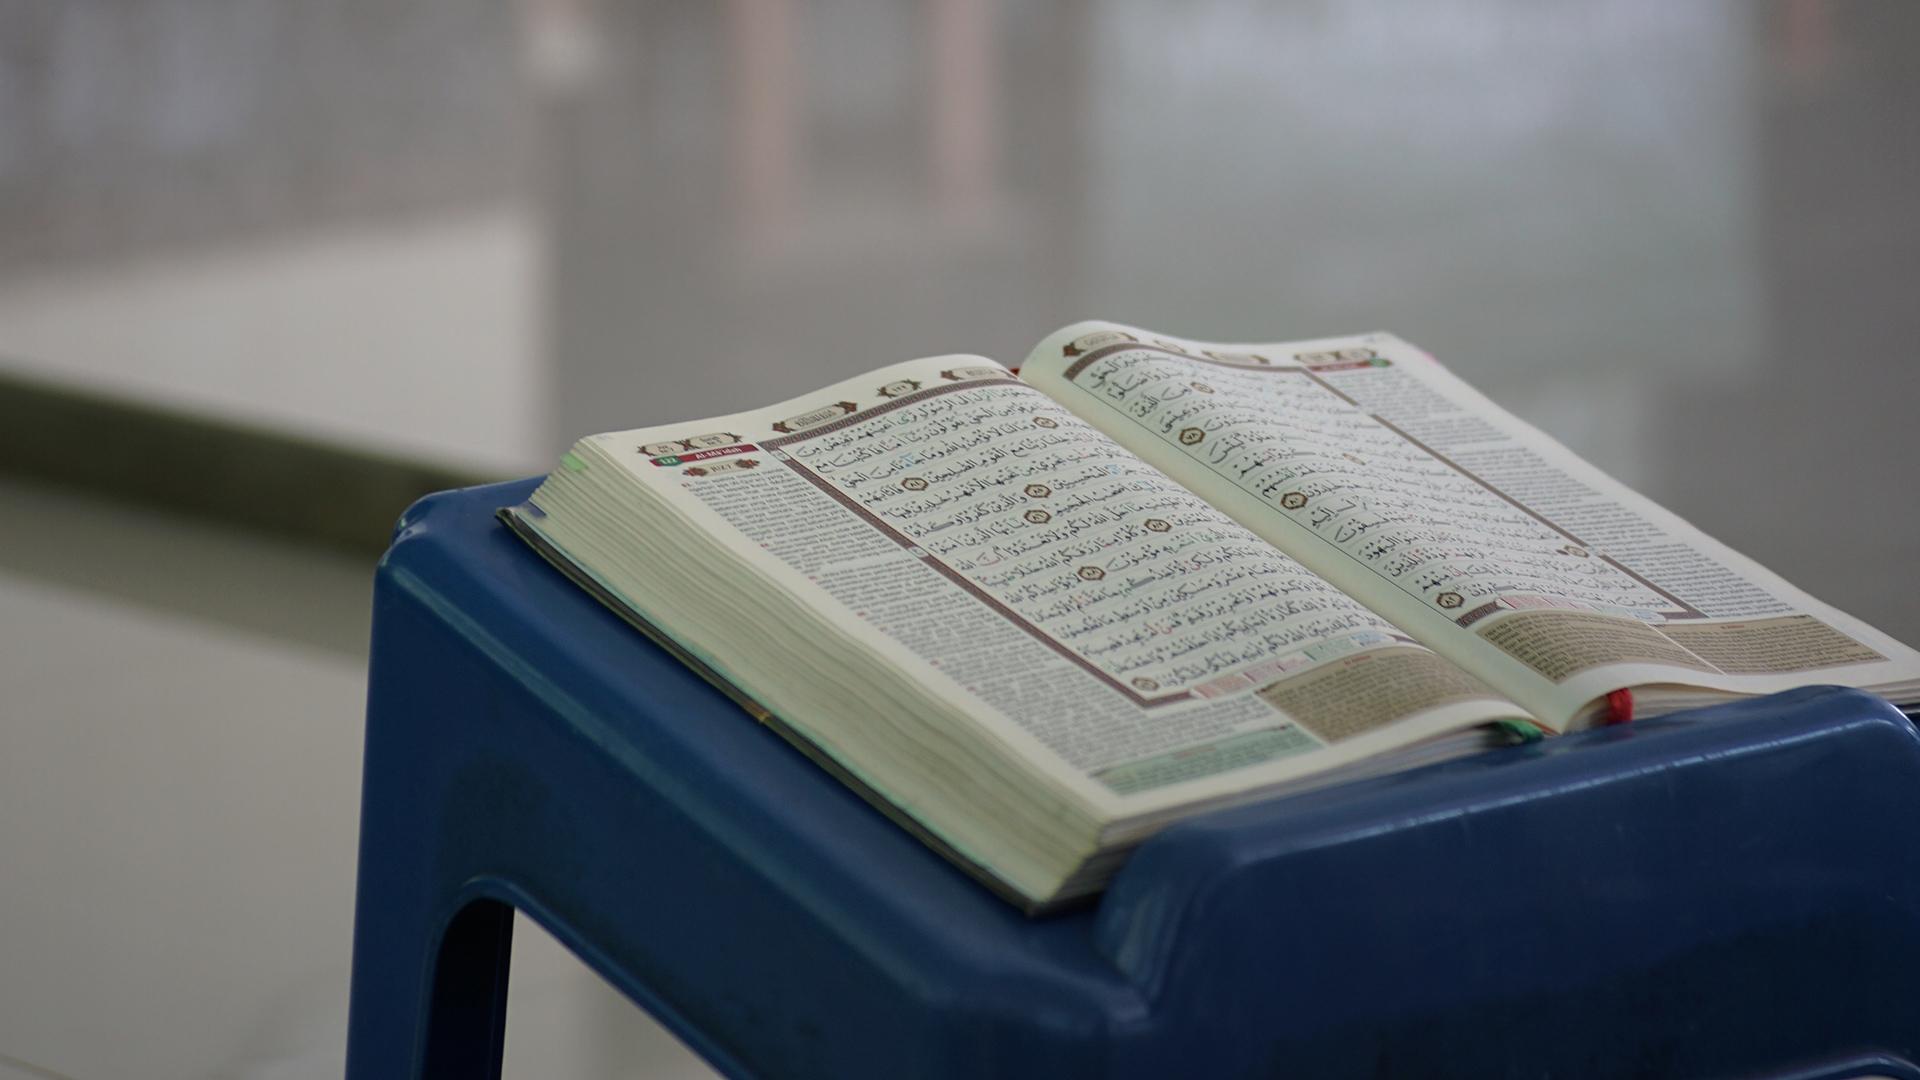 Bina-Qurani-Isi-Kandungan-Dan-Tafsir-Surat-Al-Baqarah-Ayat-183